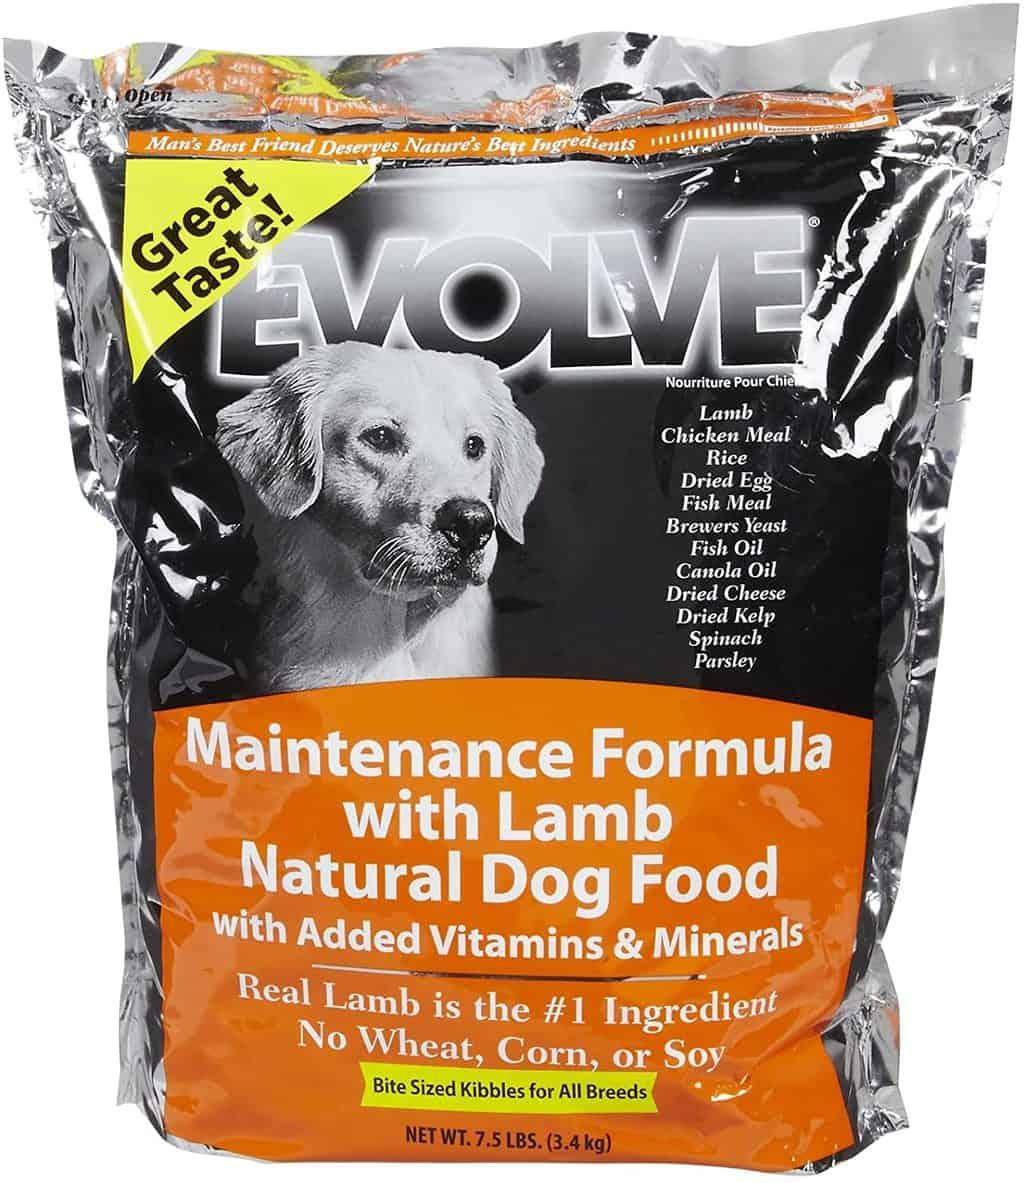 Evolve Dog Food Review 2021: Best Affordable, Premium Pet Food? 17